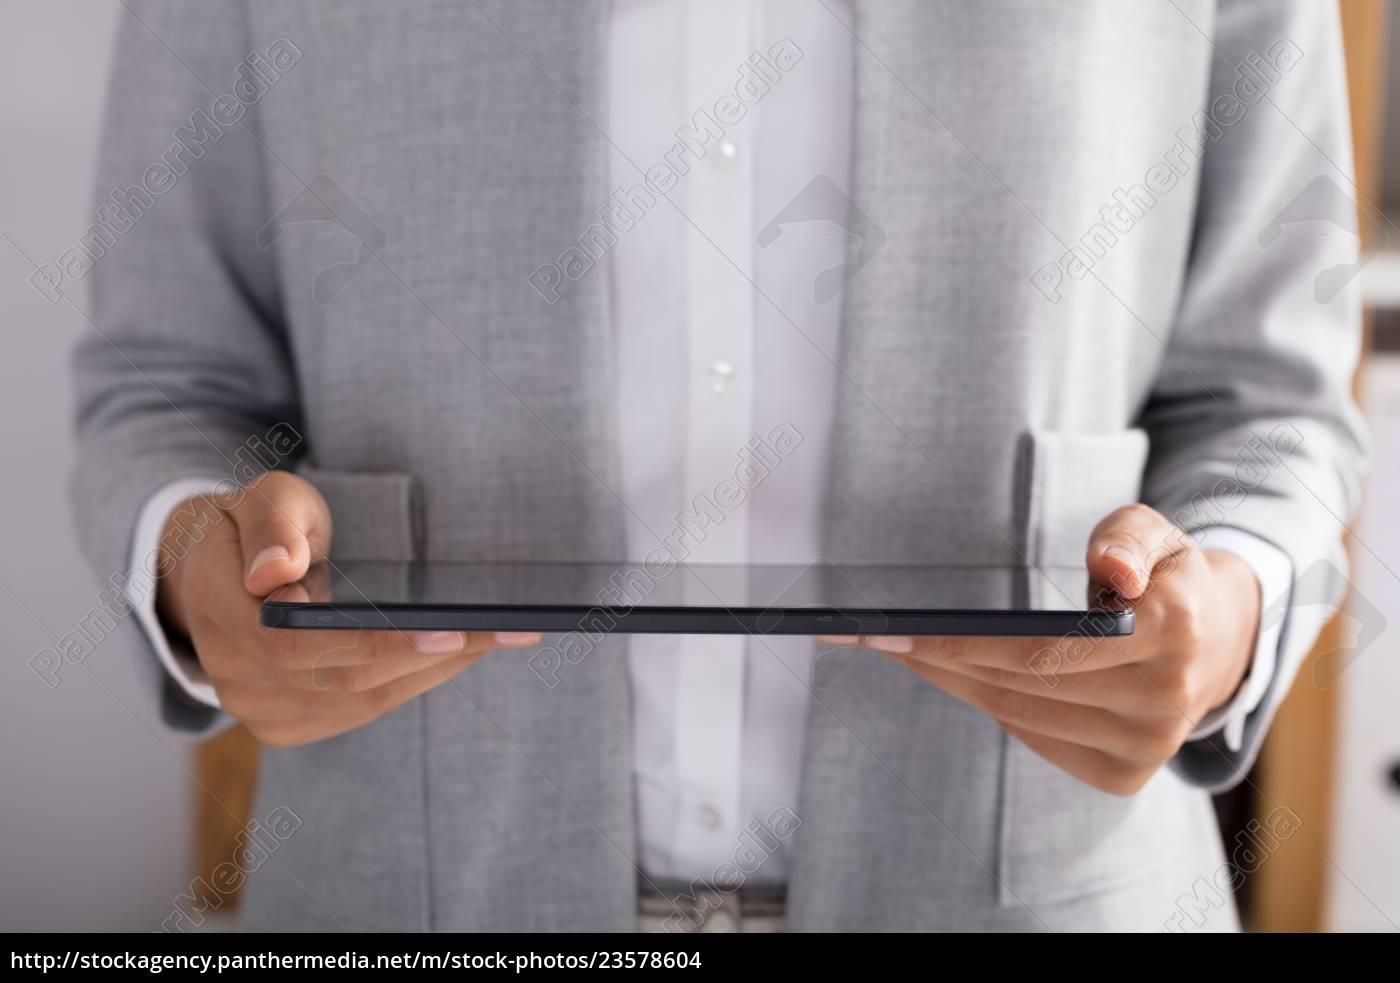 businessperson, holding, digital, tablet - 23578604